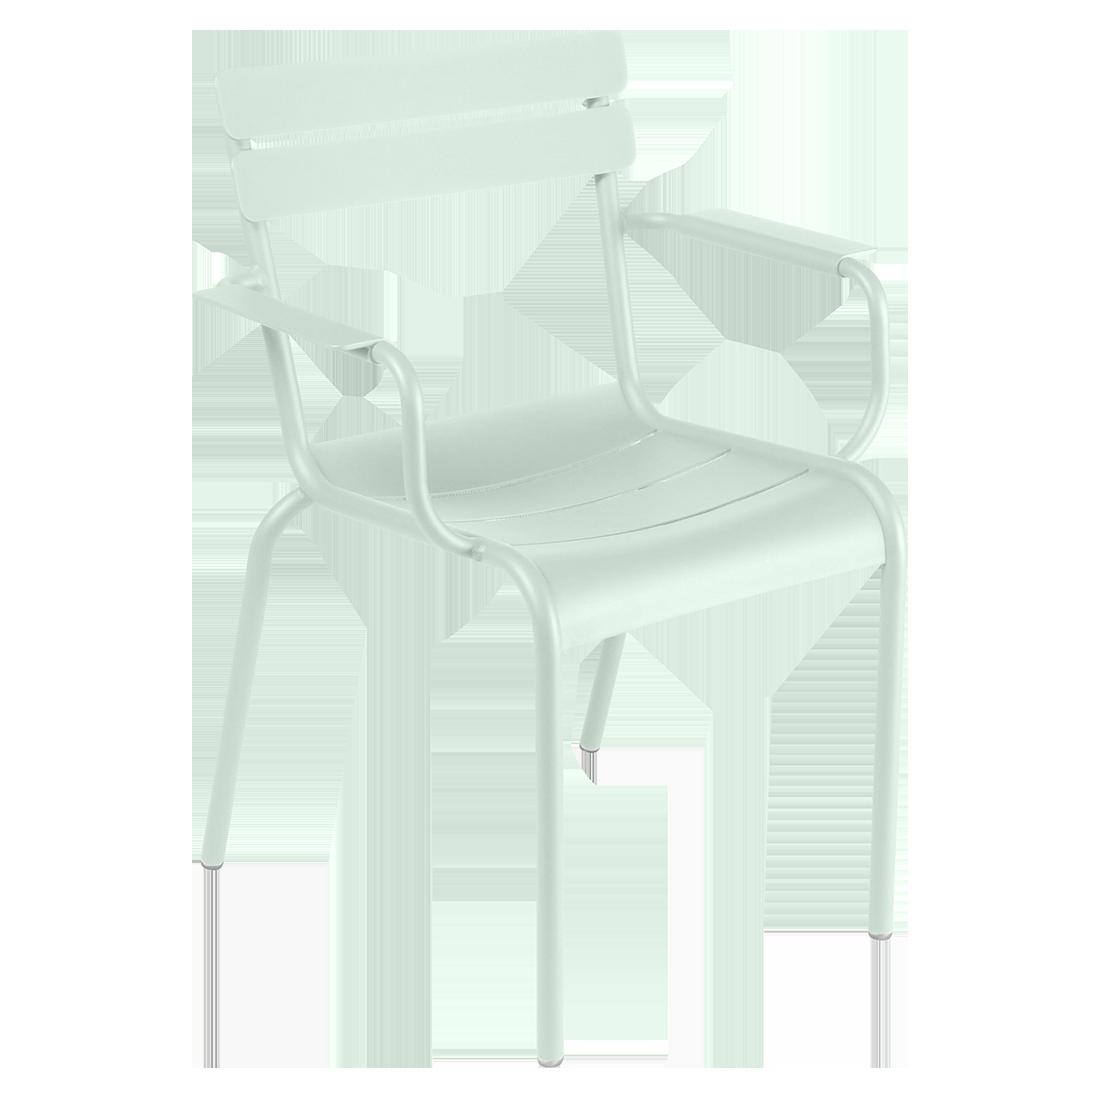 Sessel Luxembourg, Gartenstühle aus Metall, Gartenmöbel